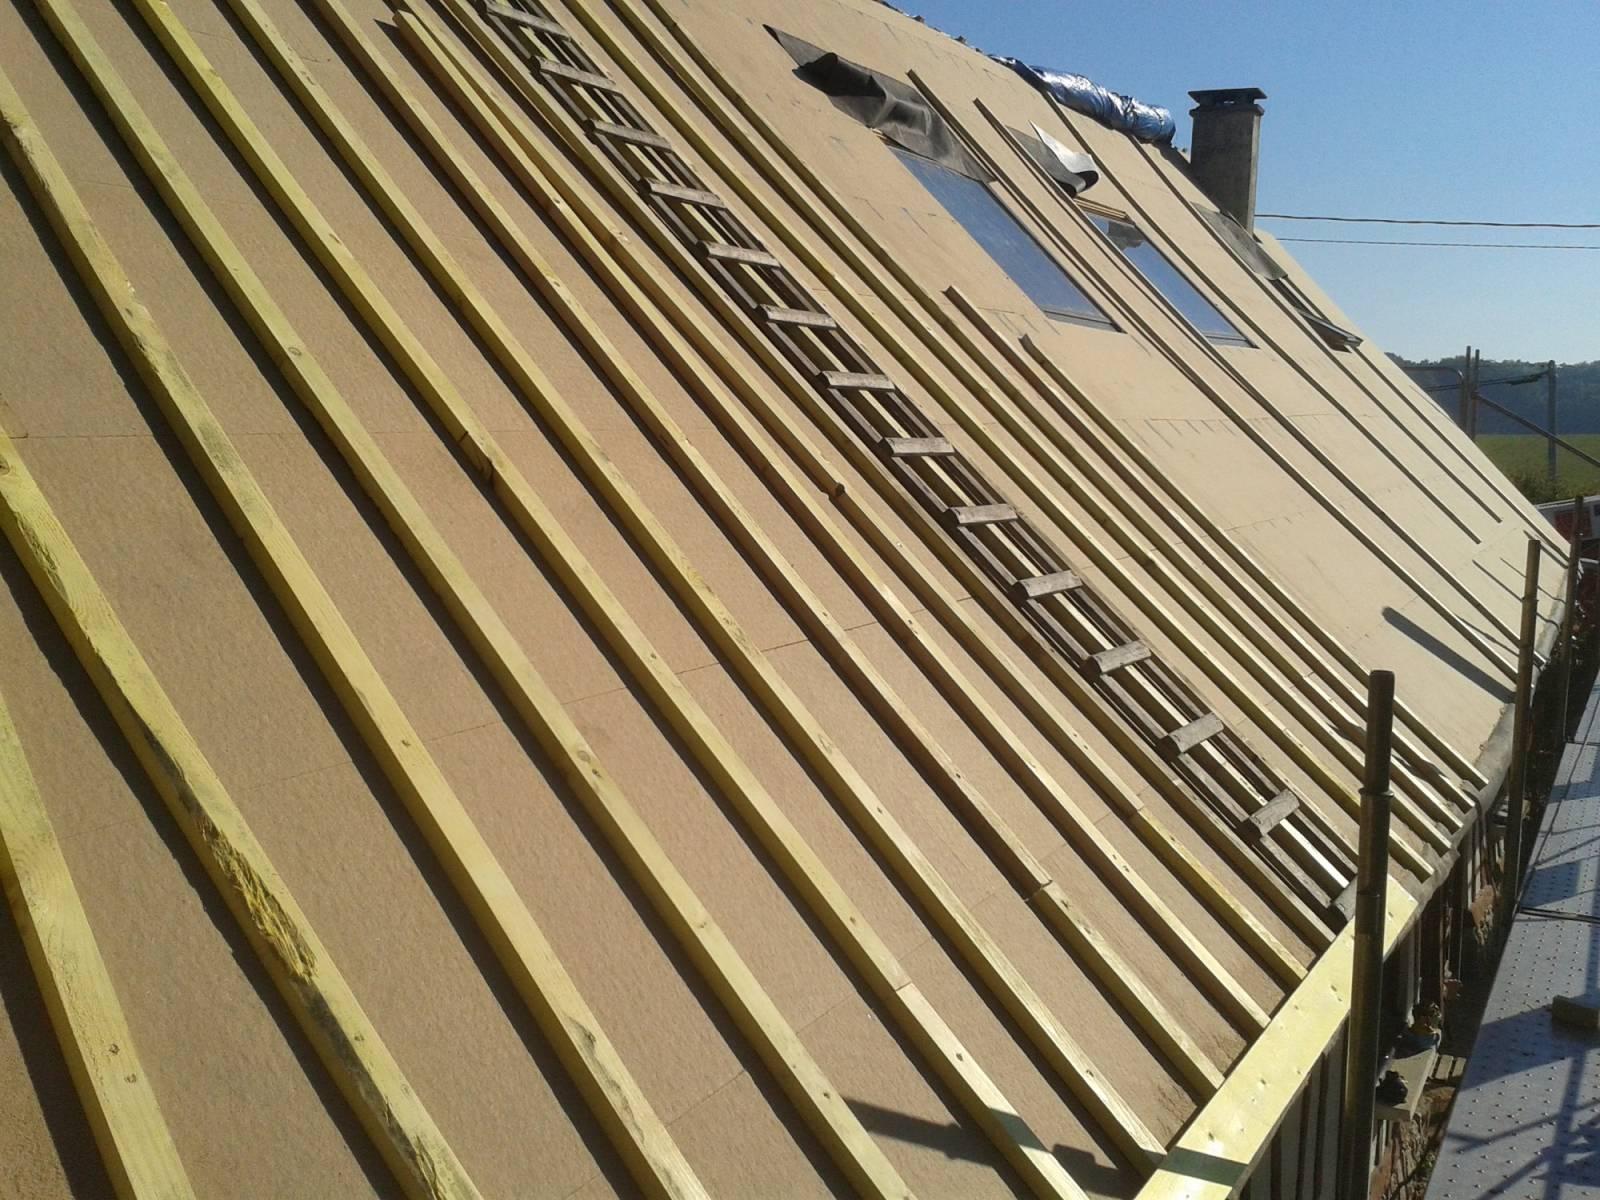 isolation toiture avec isolation en laine de bois steico et pose ch ssis velux sur toit ardoisie. Black Bedroom Furniture Sets. Home Design Ideas